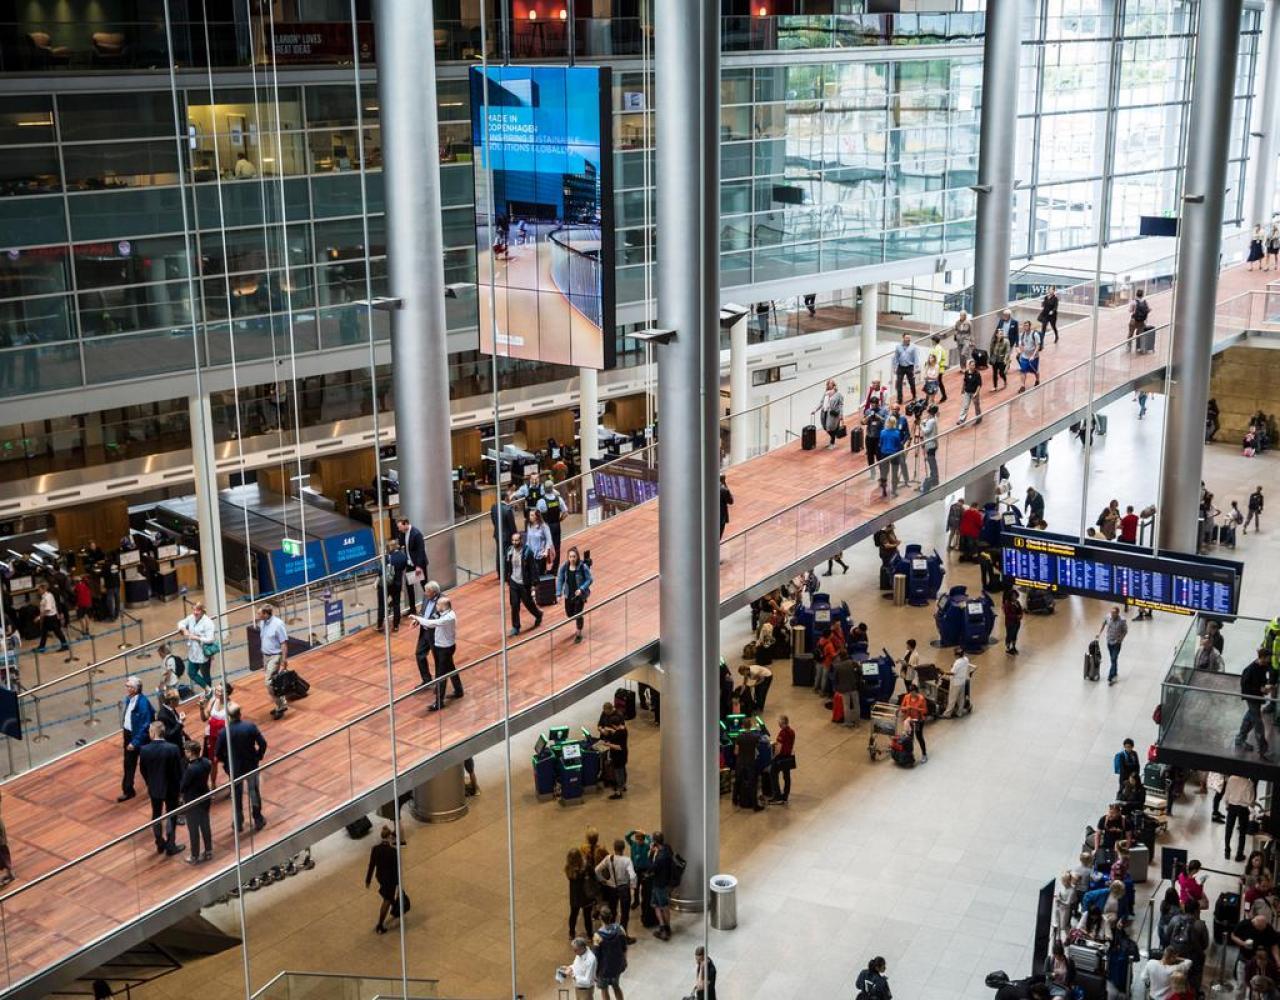 københavns lufthavn gangbro